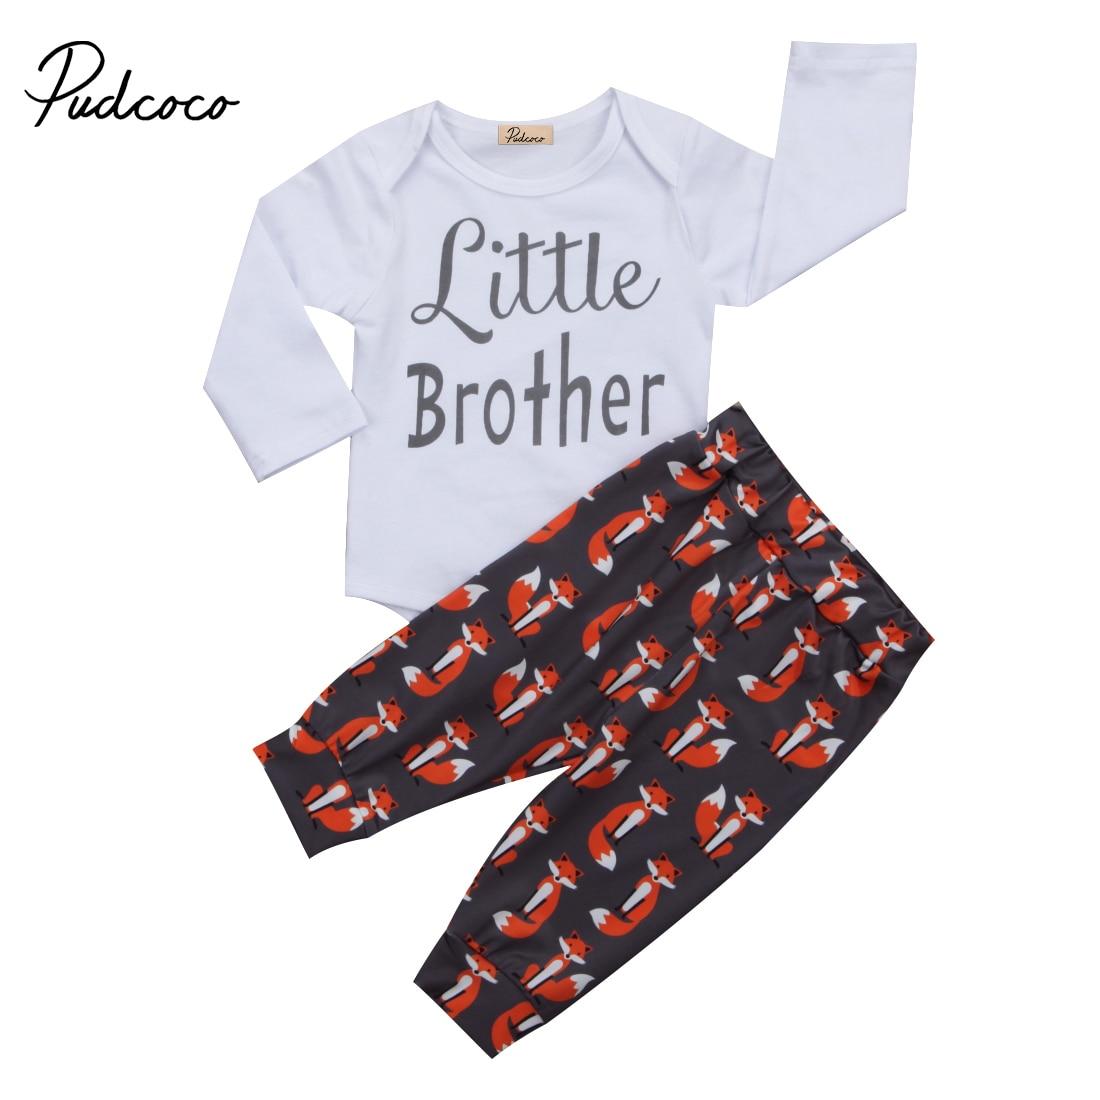 0-24 м Симпатичные для маленьких мальчиков Комплект одежды комбинезон с длинными рукавами Топы Корректирующие + лиса Брюки для девочек шляпа ...